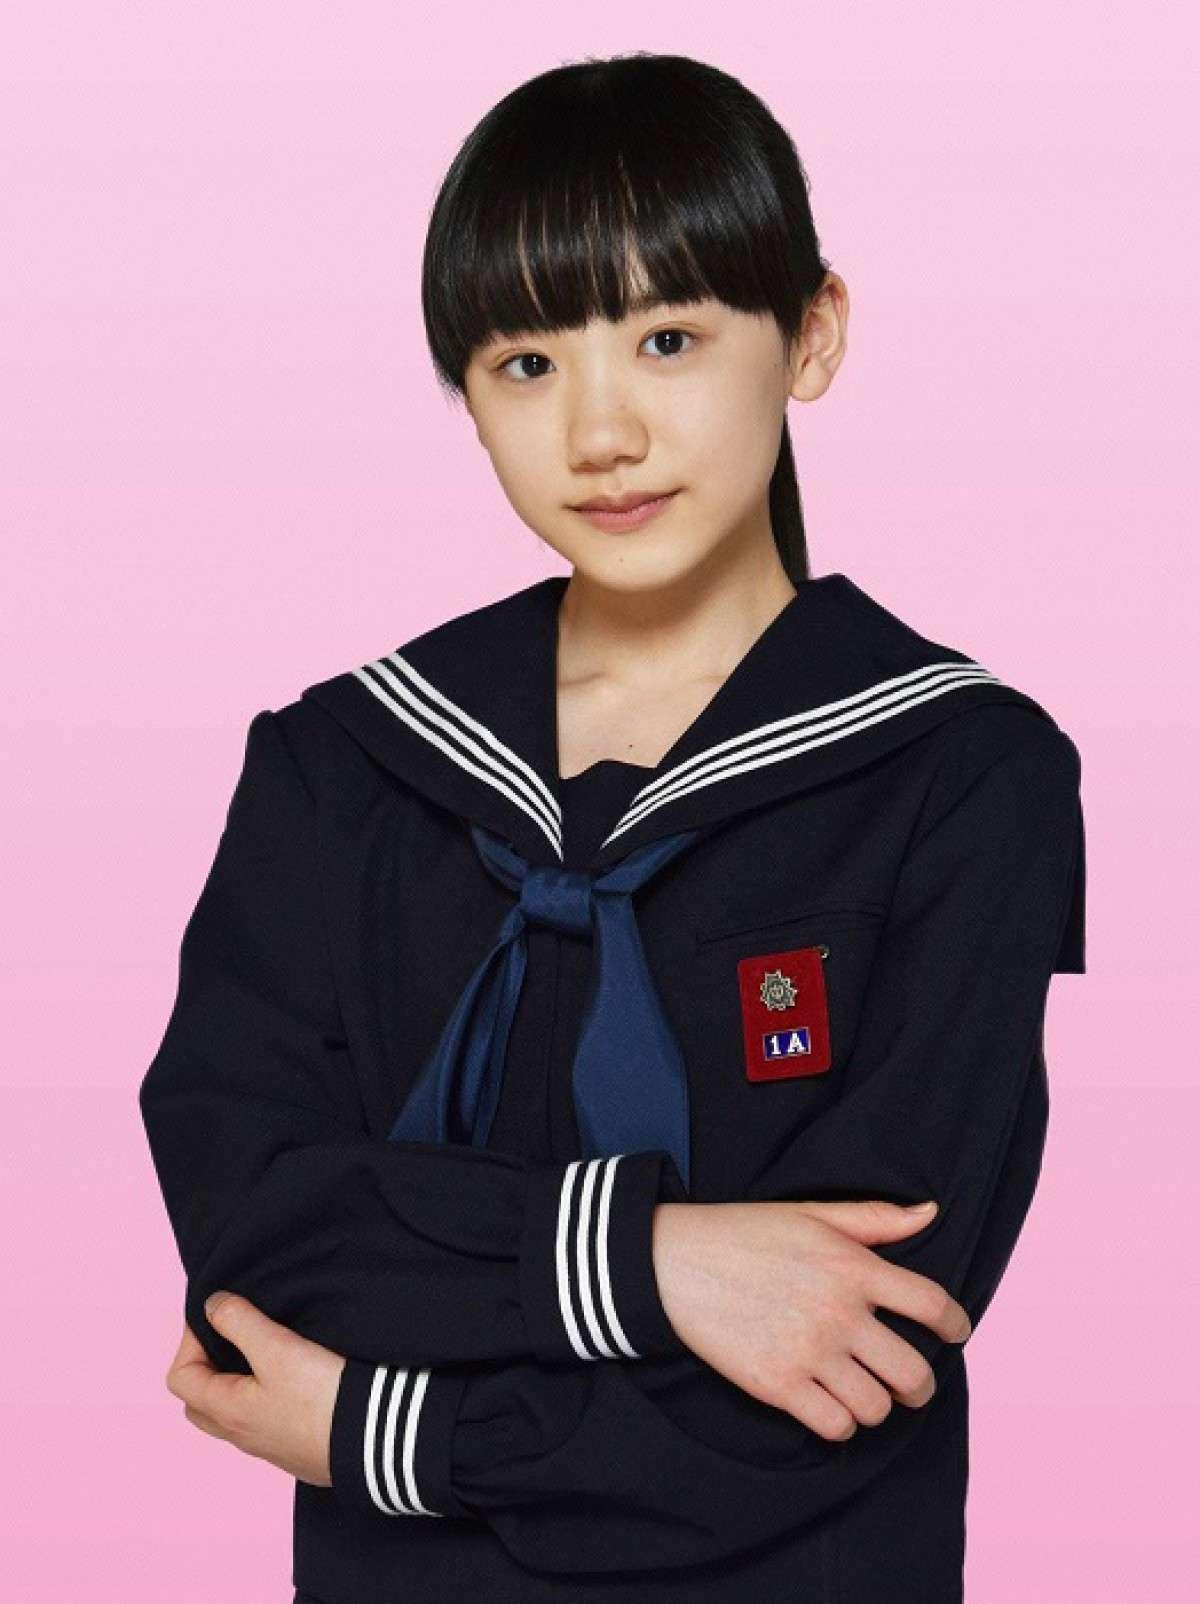 芦田愛菜の乳首ポロリ画像